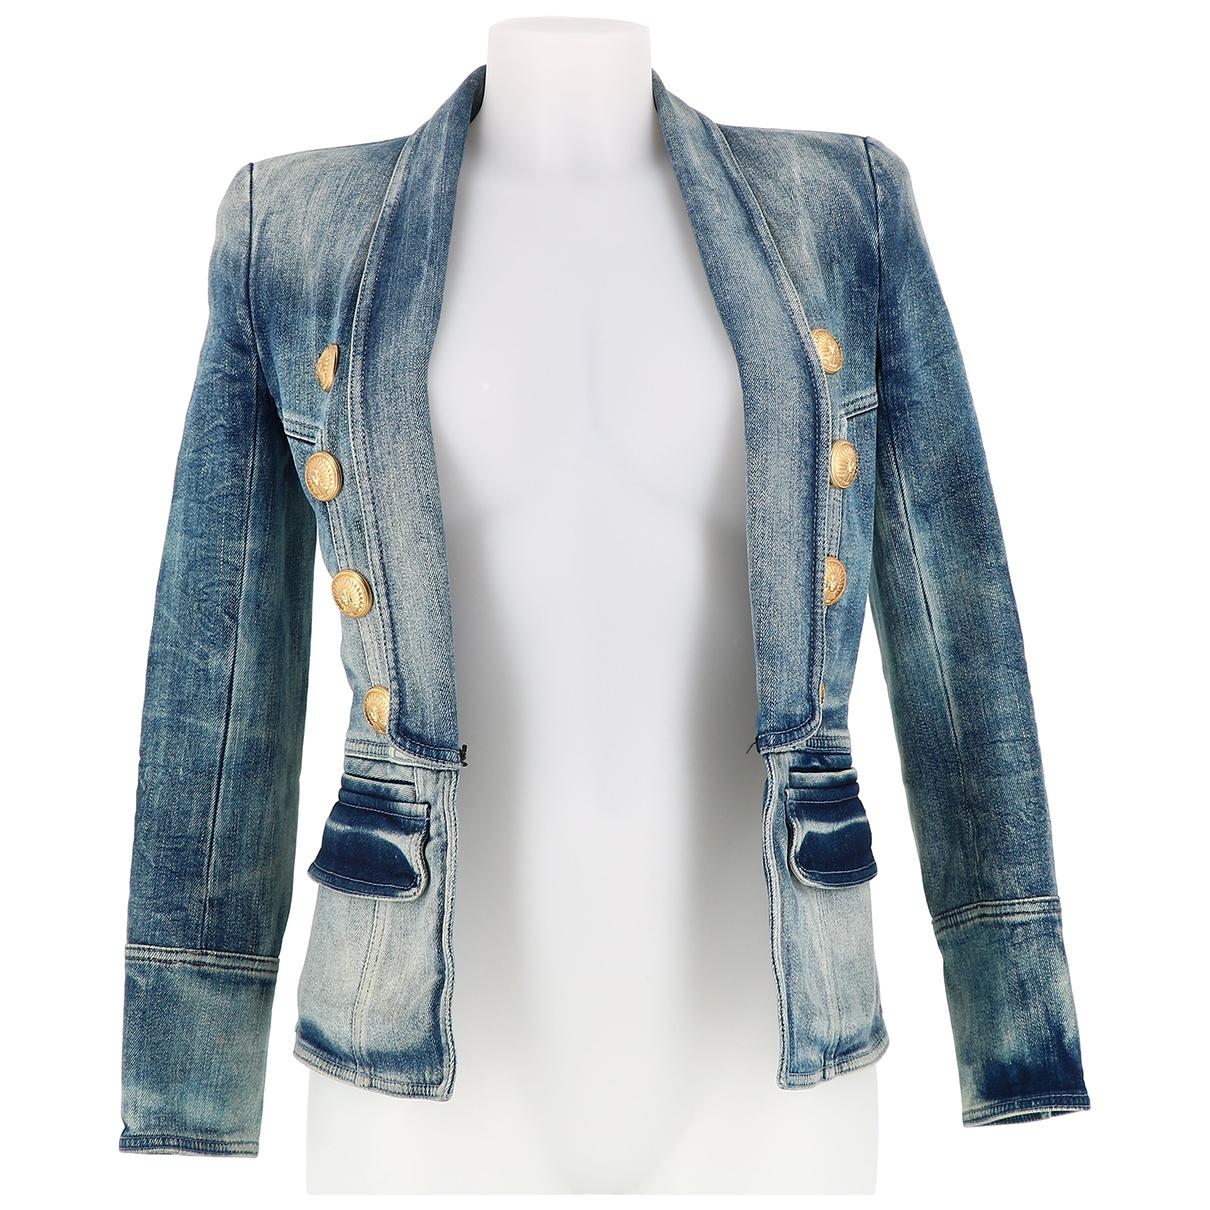 Dior \N Jacke in  Blau Denim - Jeans